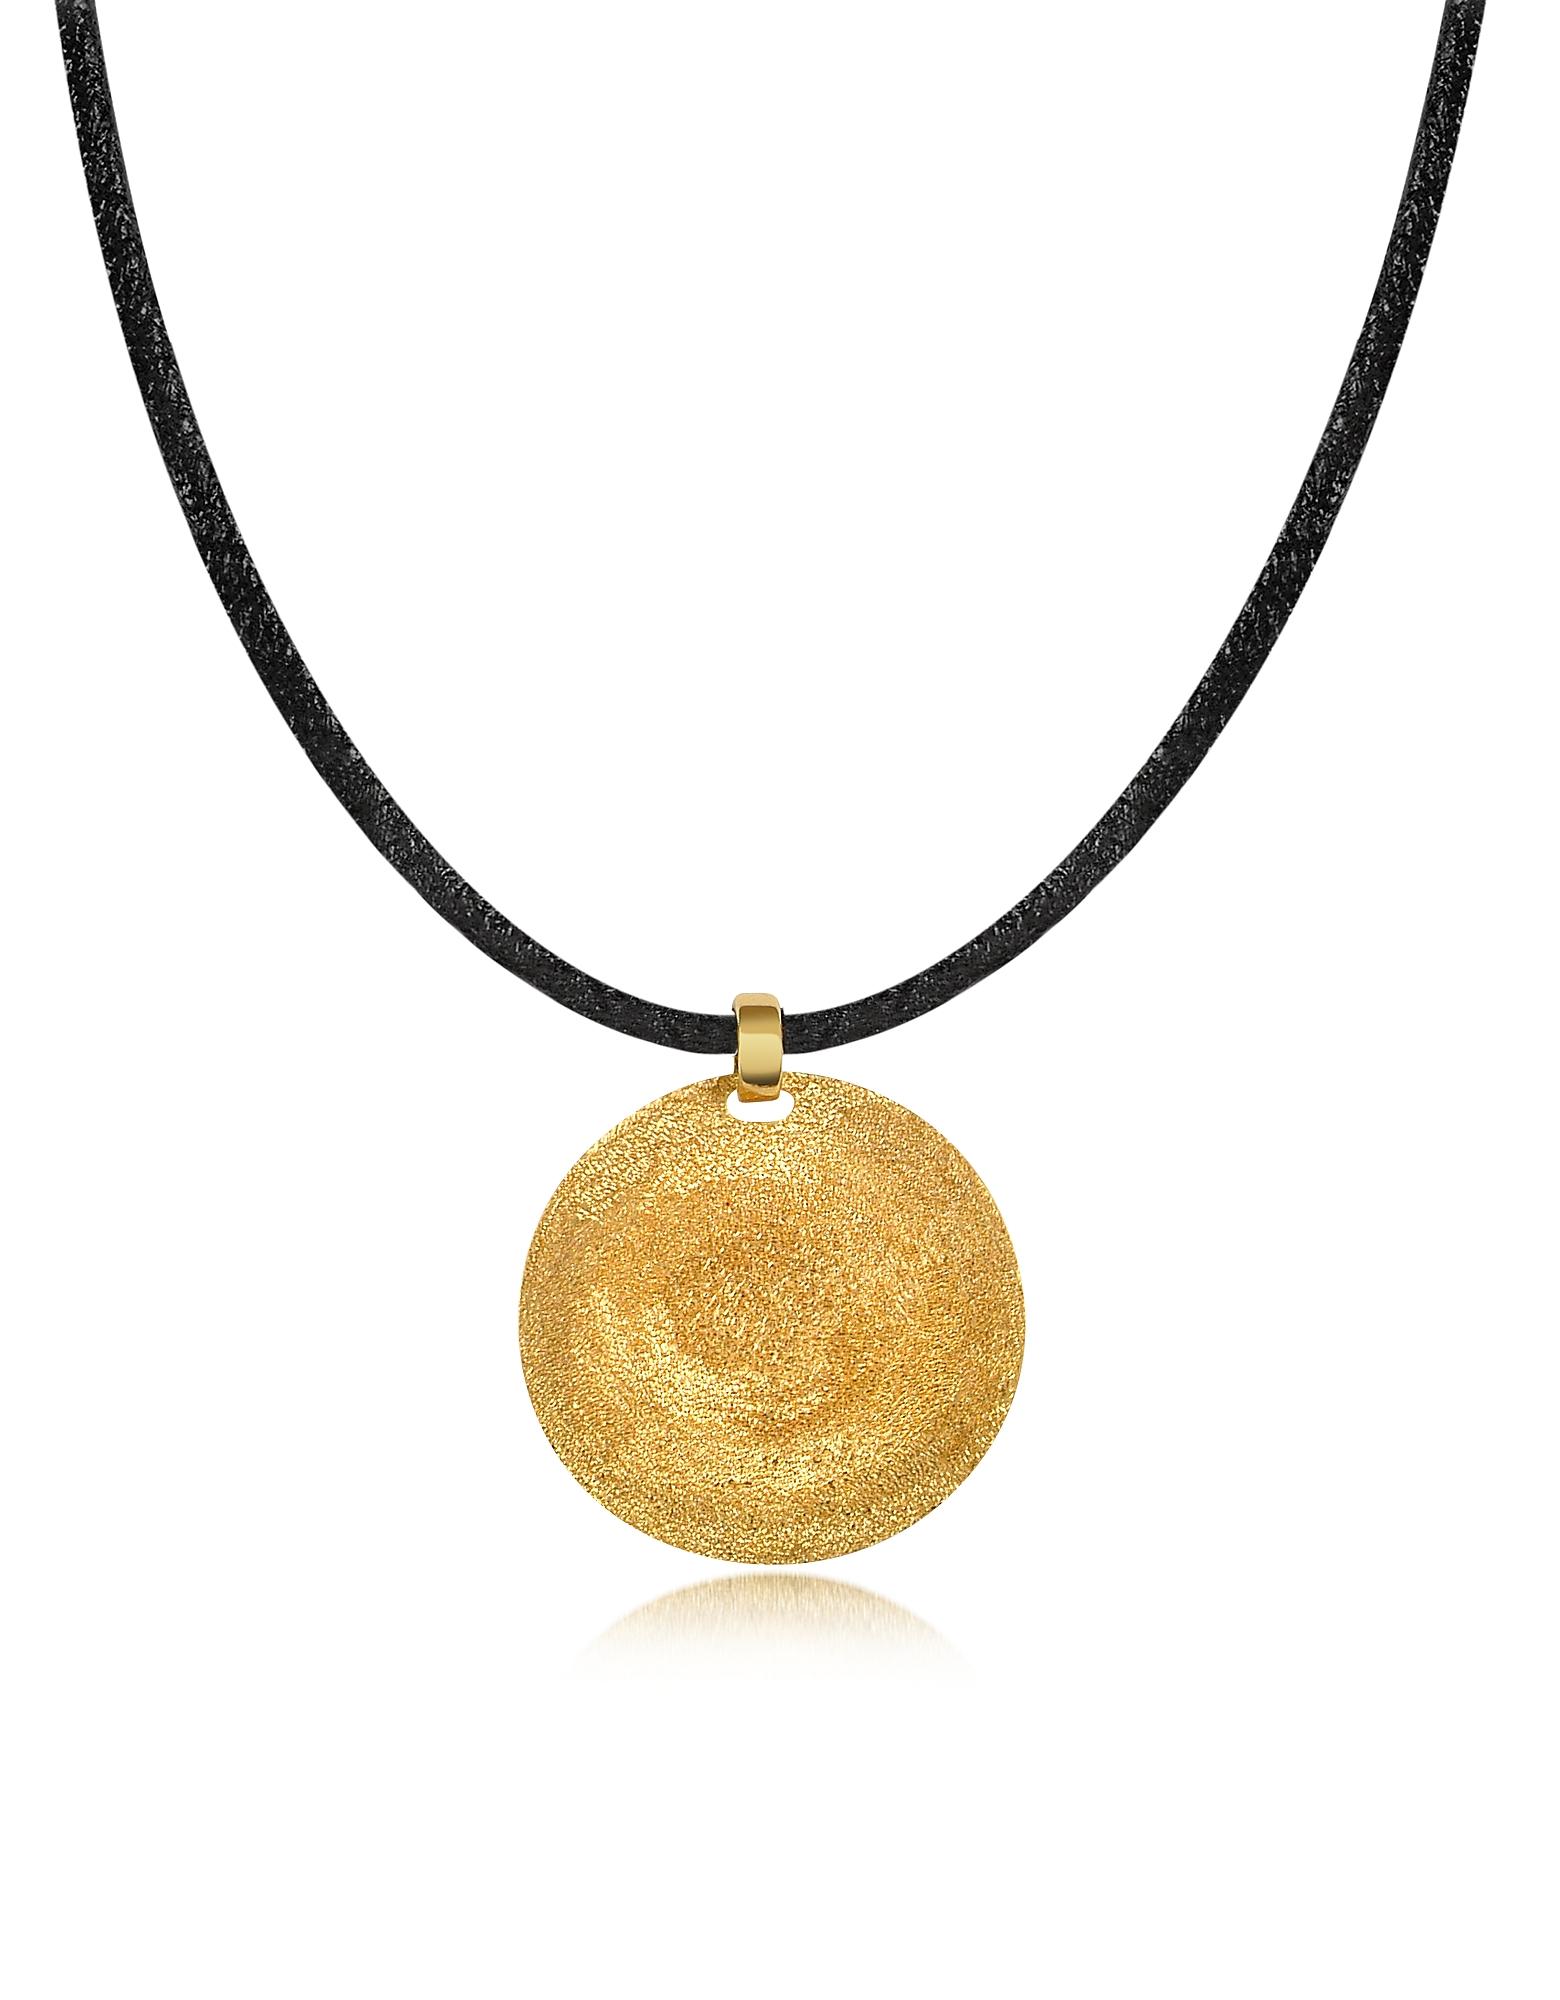 Маленькая Точеная Золотистая Серебрянная Круглая Подвеска на Кожаном Шнурке